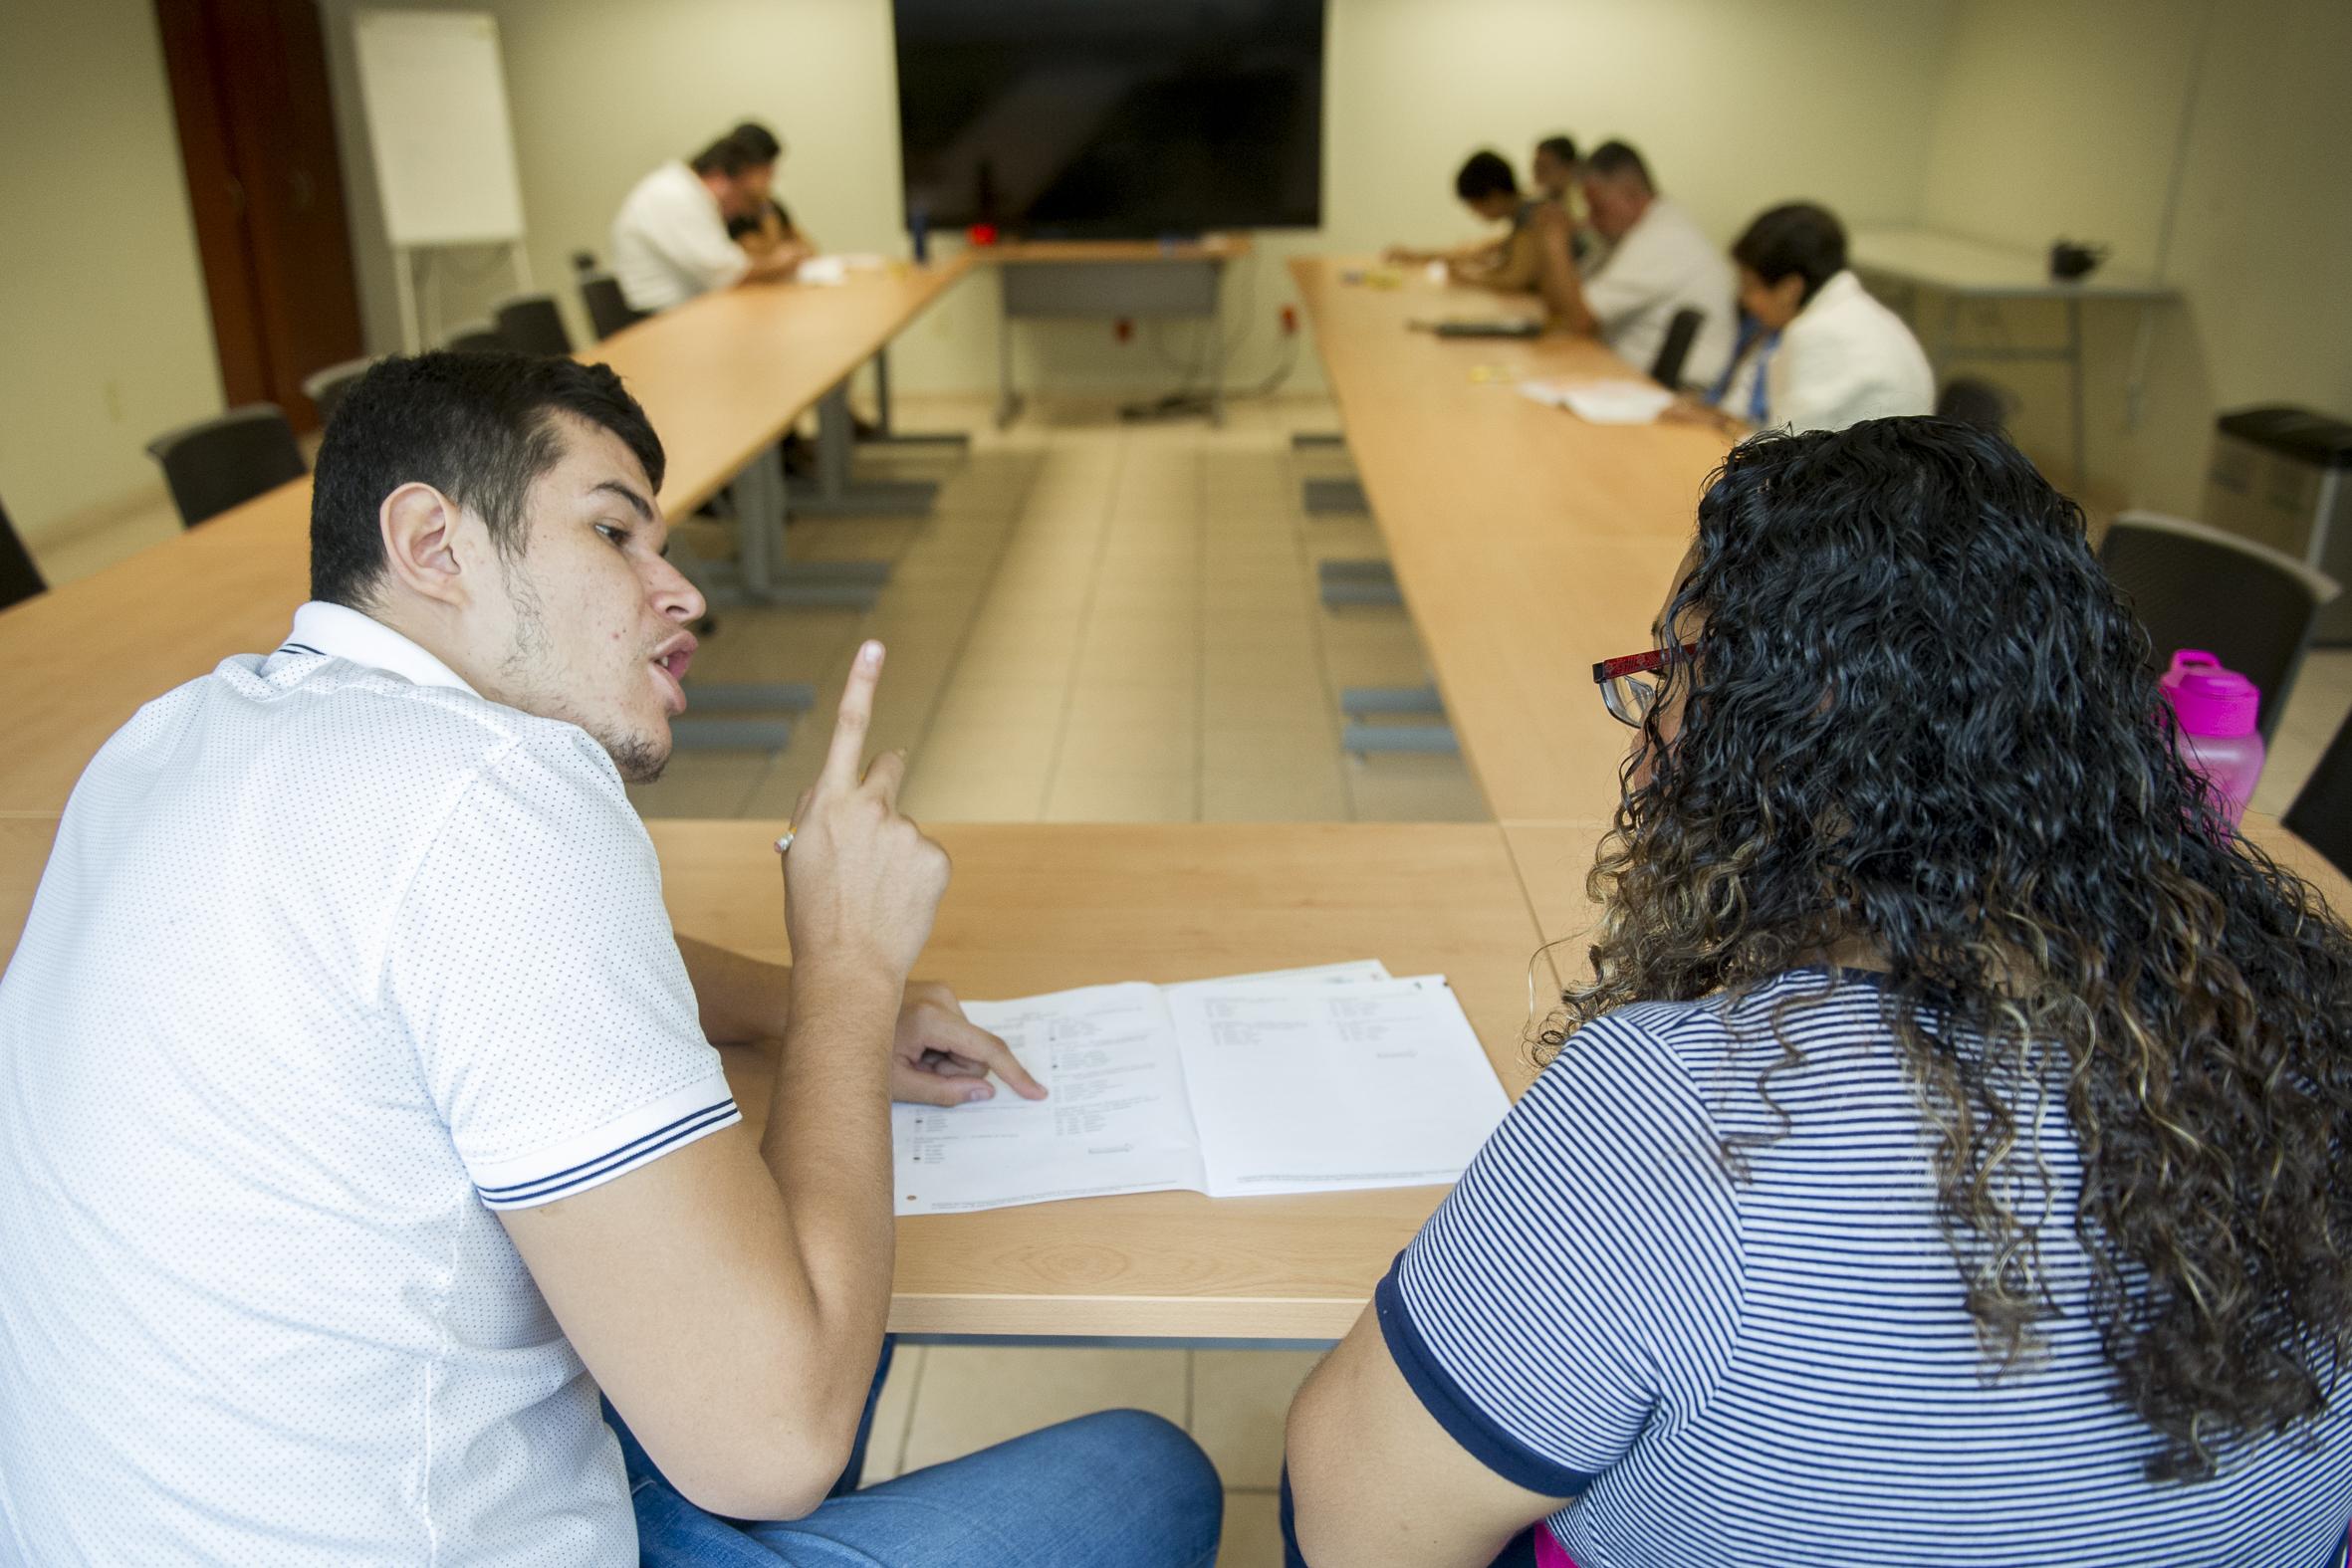 Aspirante en situación de discapacidad, consultando dudas sobre el examen.